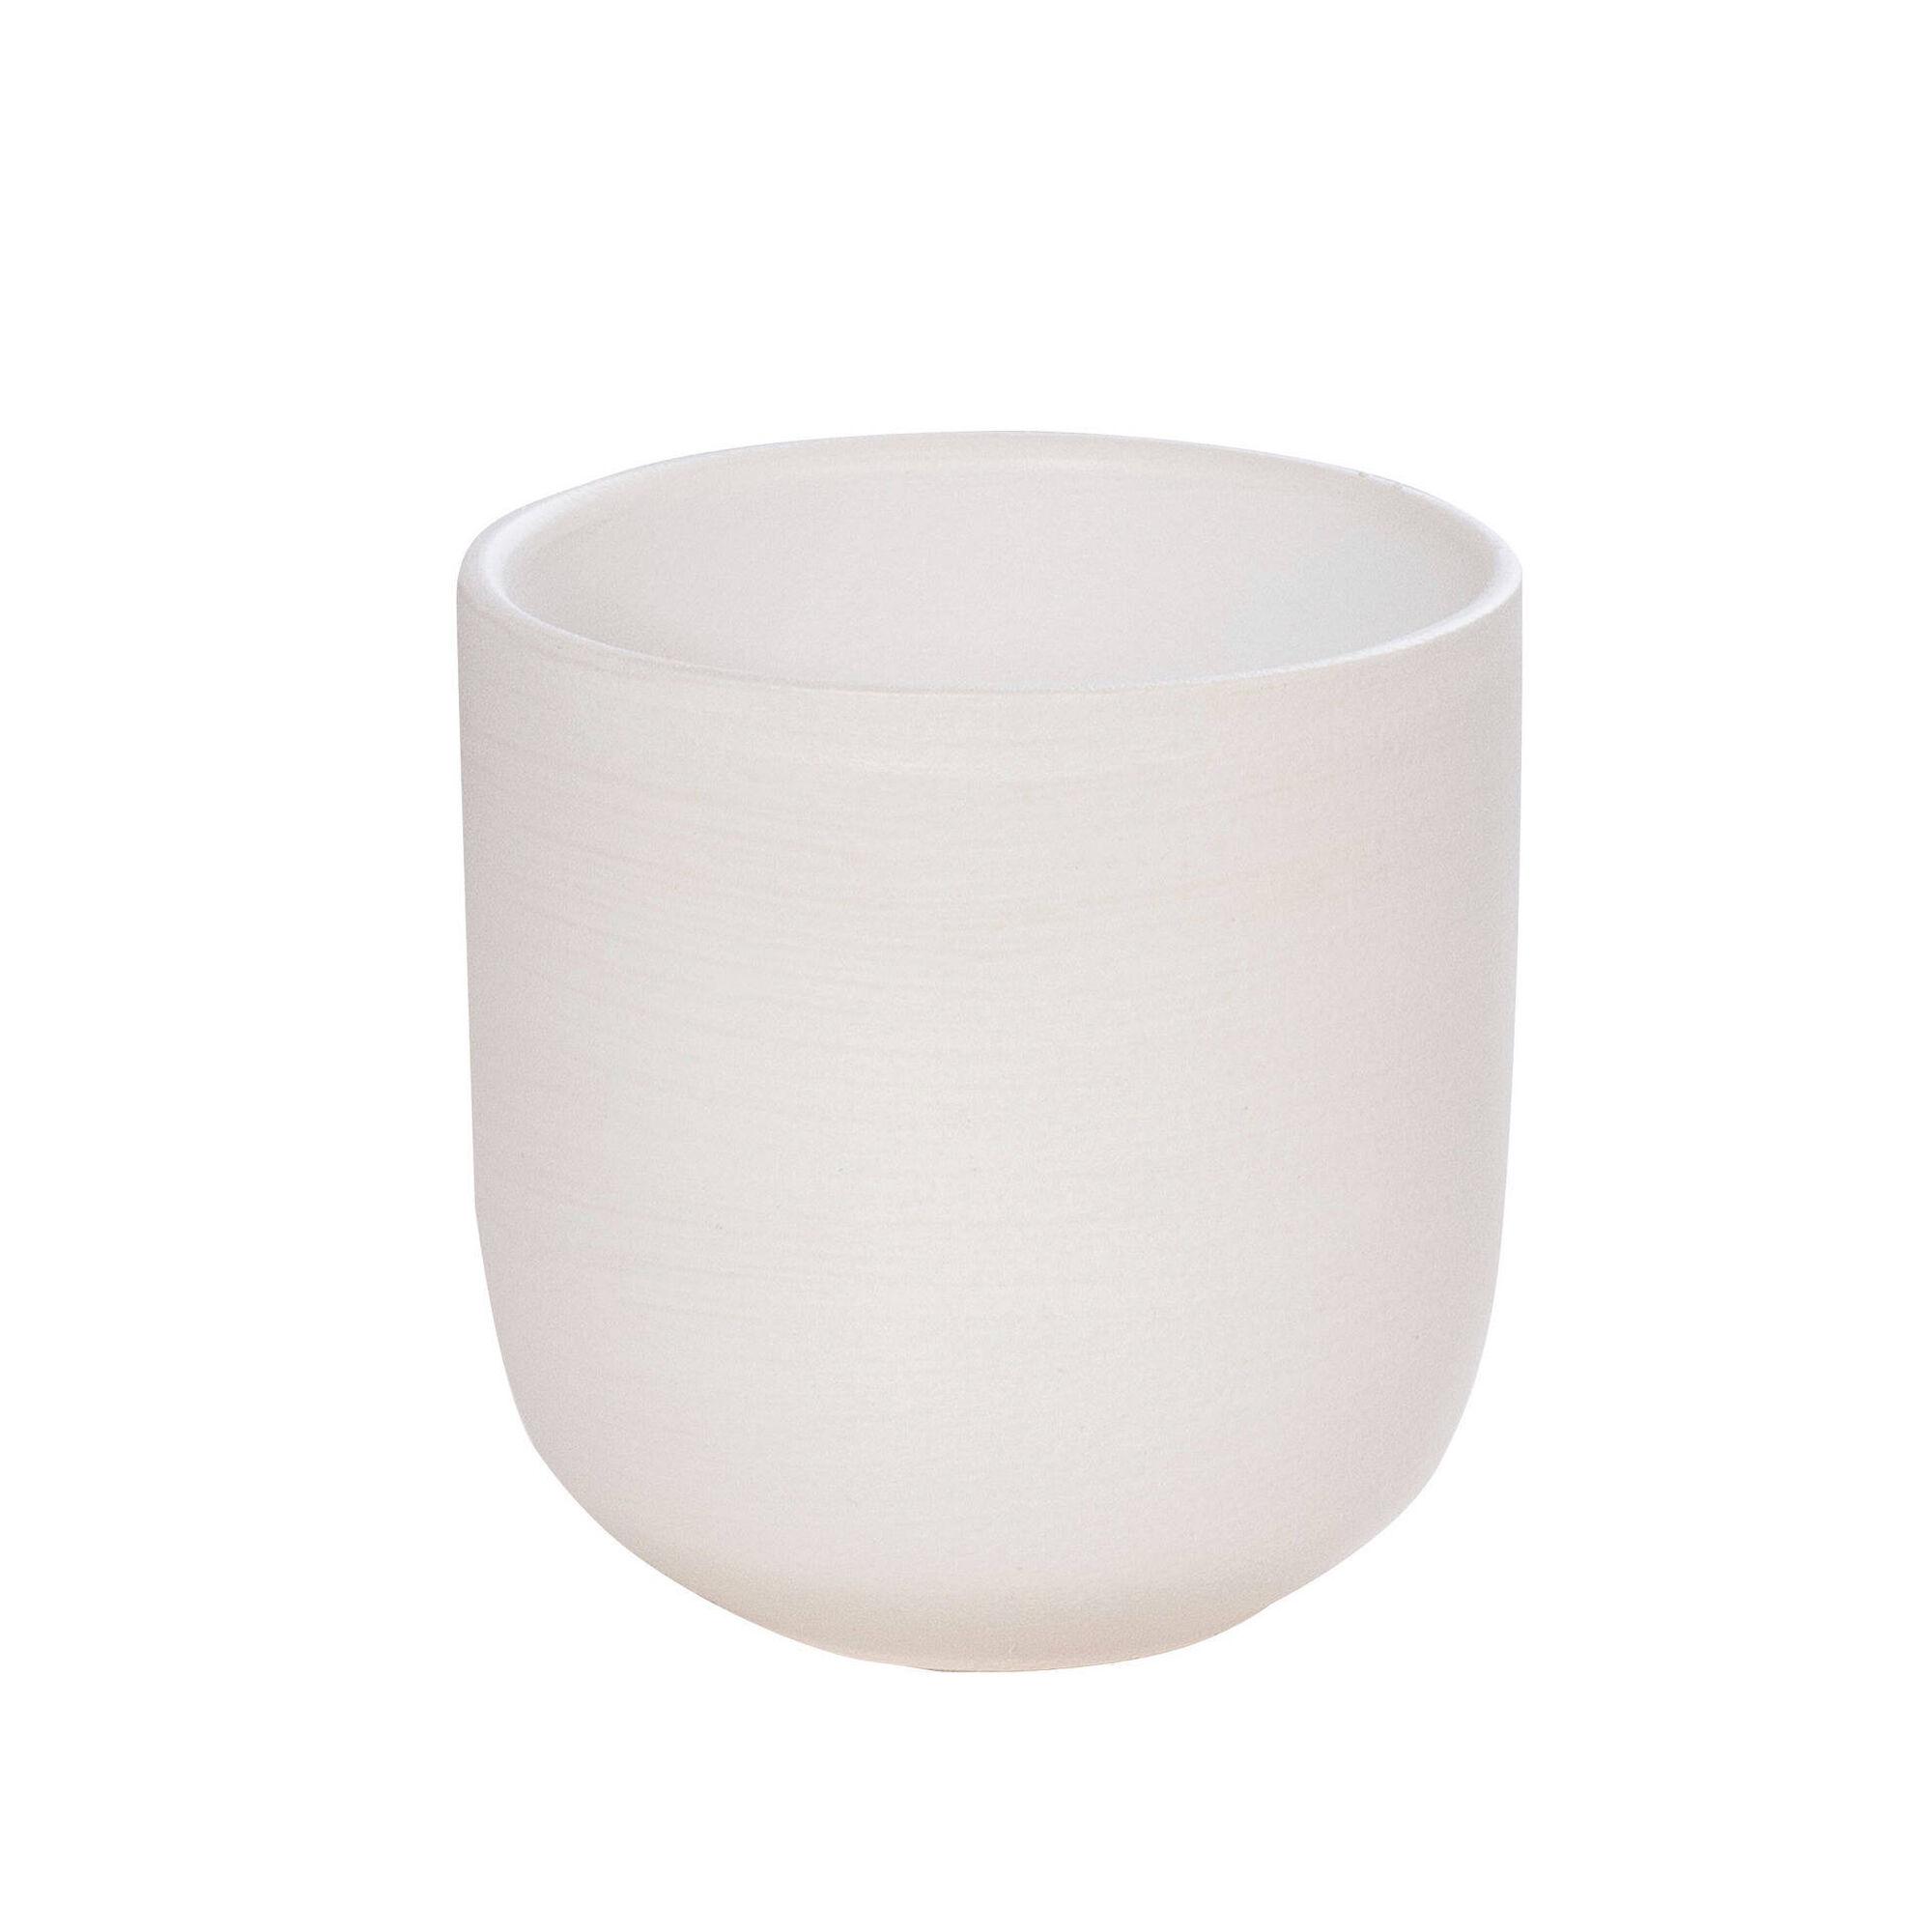 Vaso Redondo Faiança 14,5cm Branco